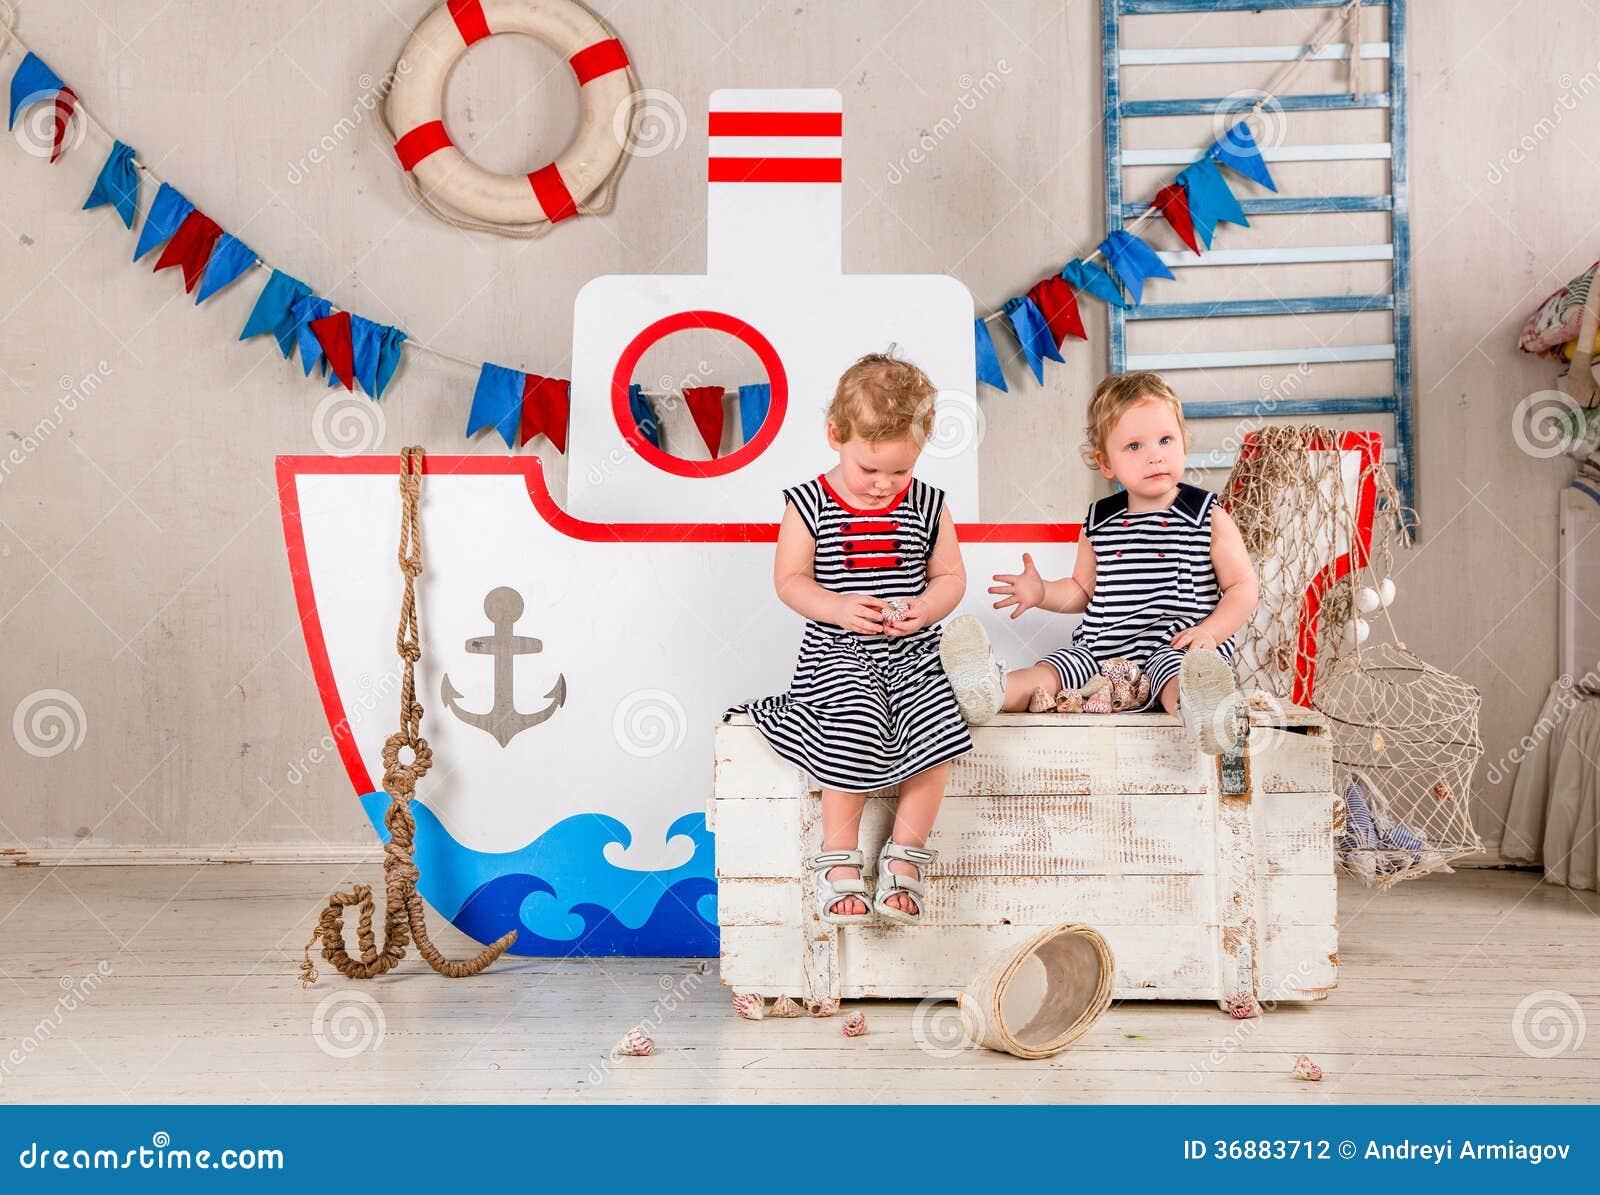 Download Gioco di bambini. fotografia stock. Immagine di gioco - 36883712